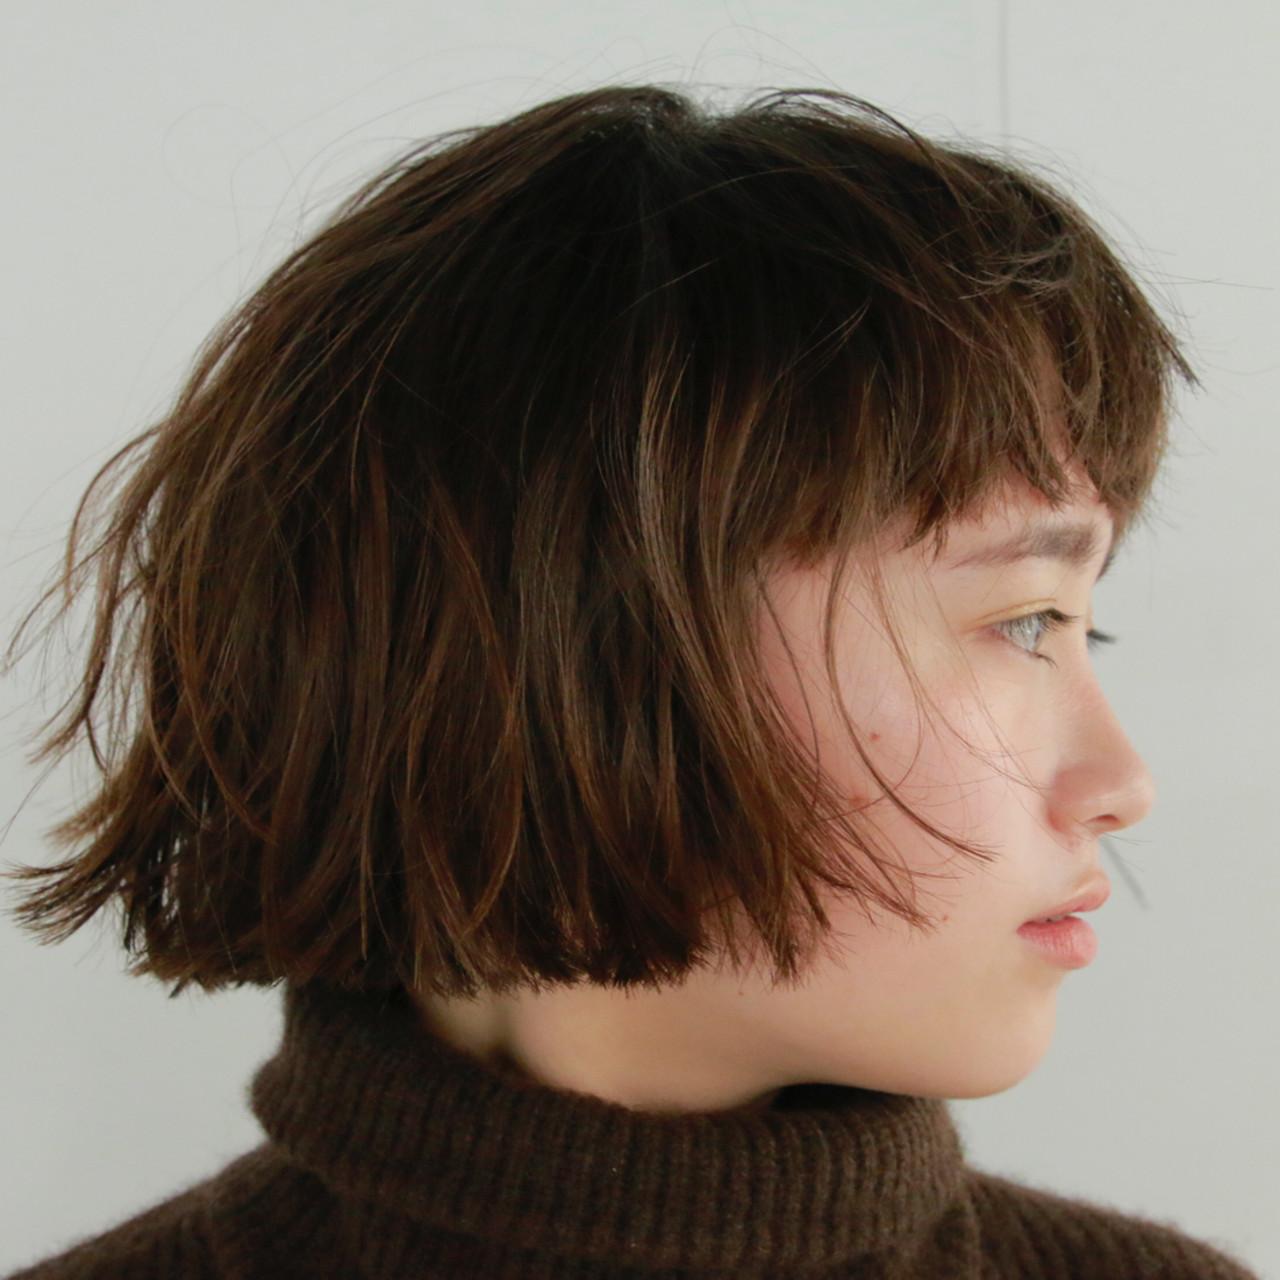 ミニボブ ショート パーマ くせ毛風ヘアスタイルや髪型の写真・画像